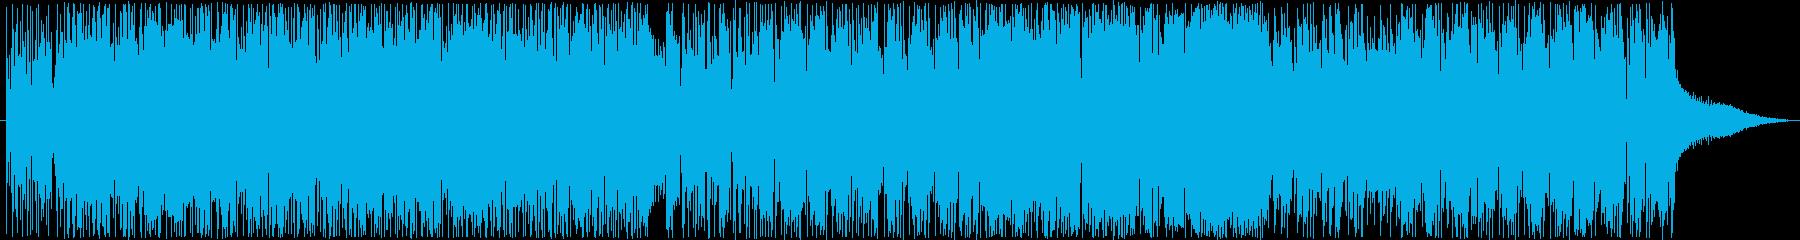 重厚かつ疾走感あるロック好きエレクトロBの再生済みの波形